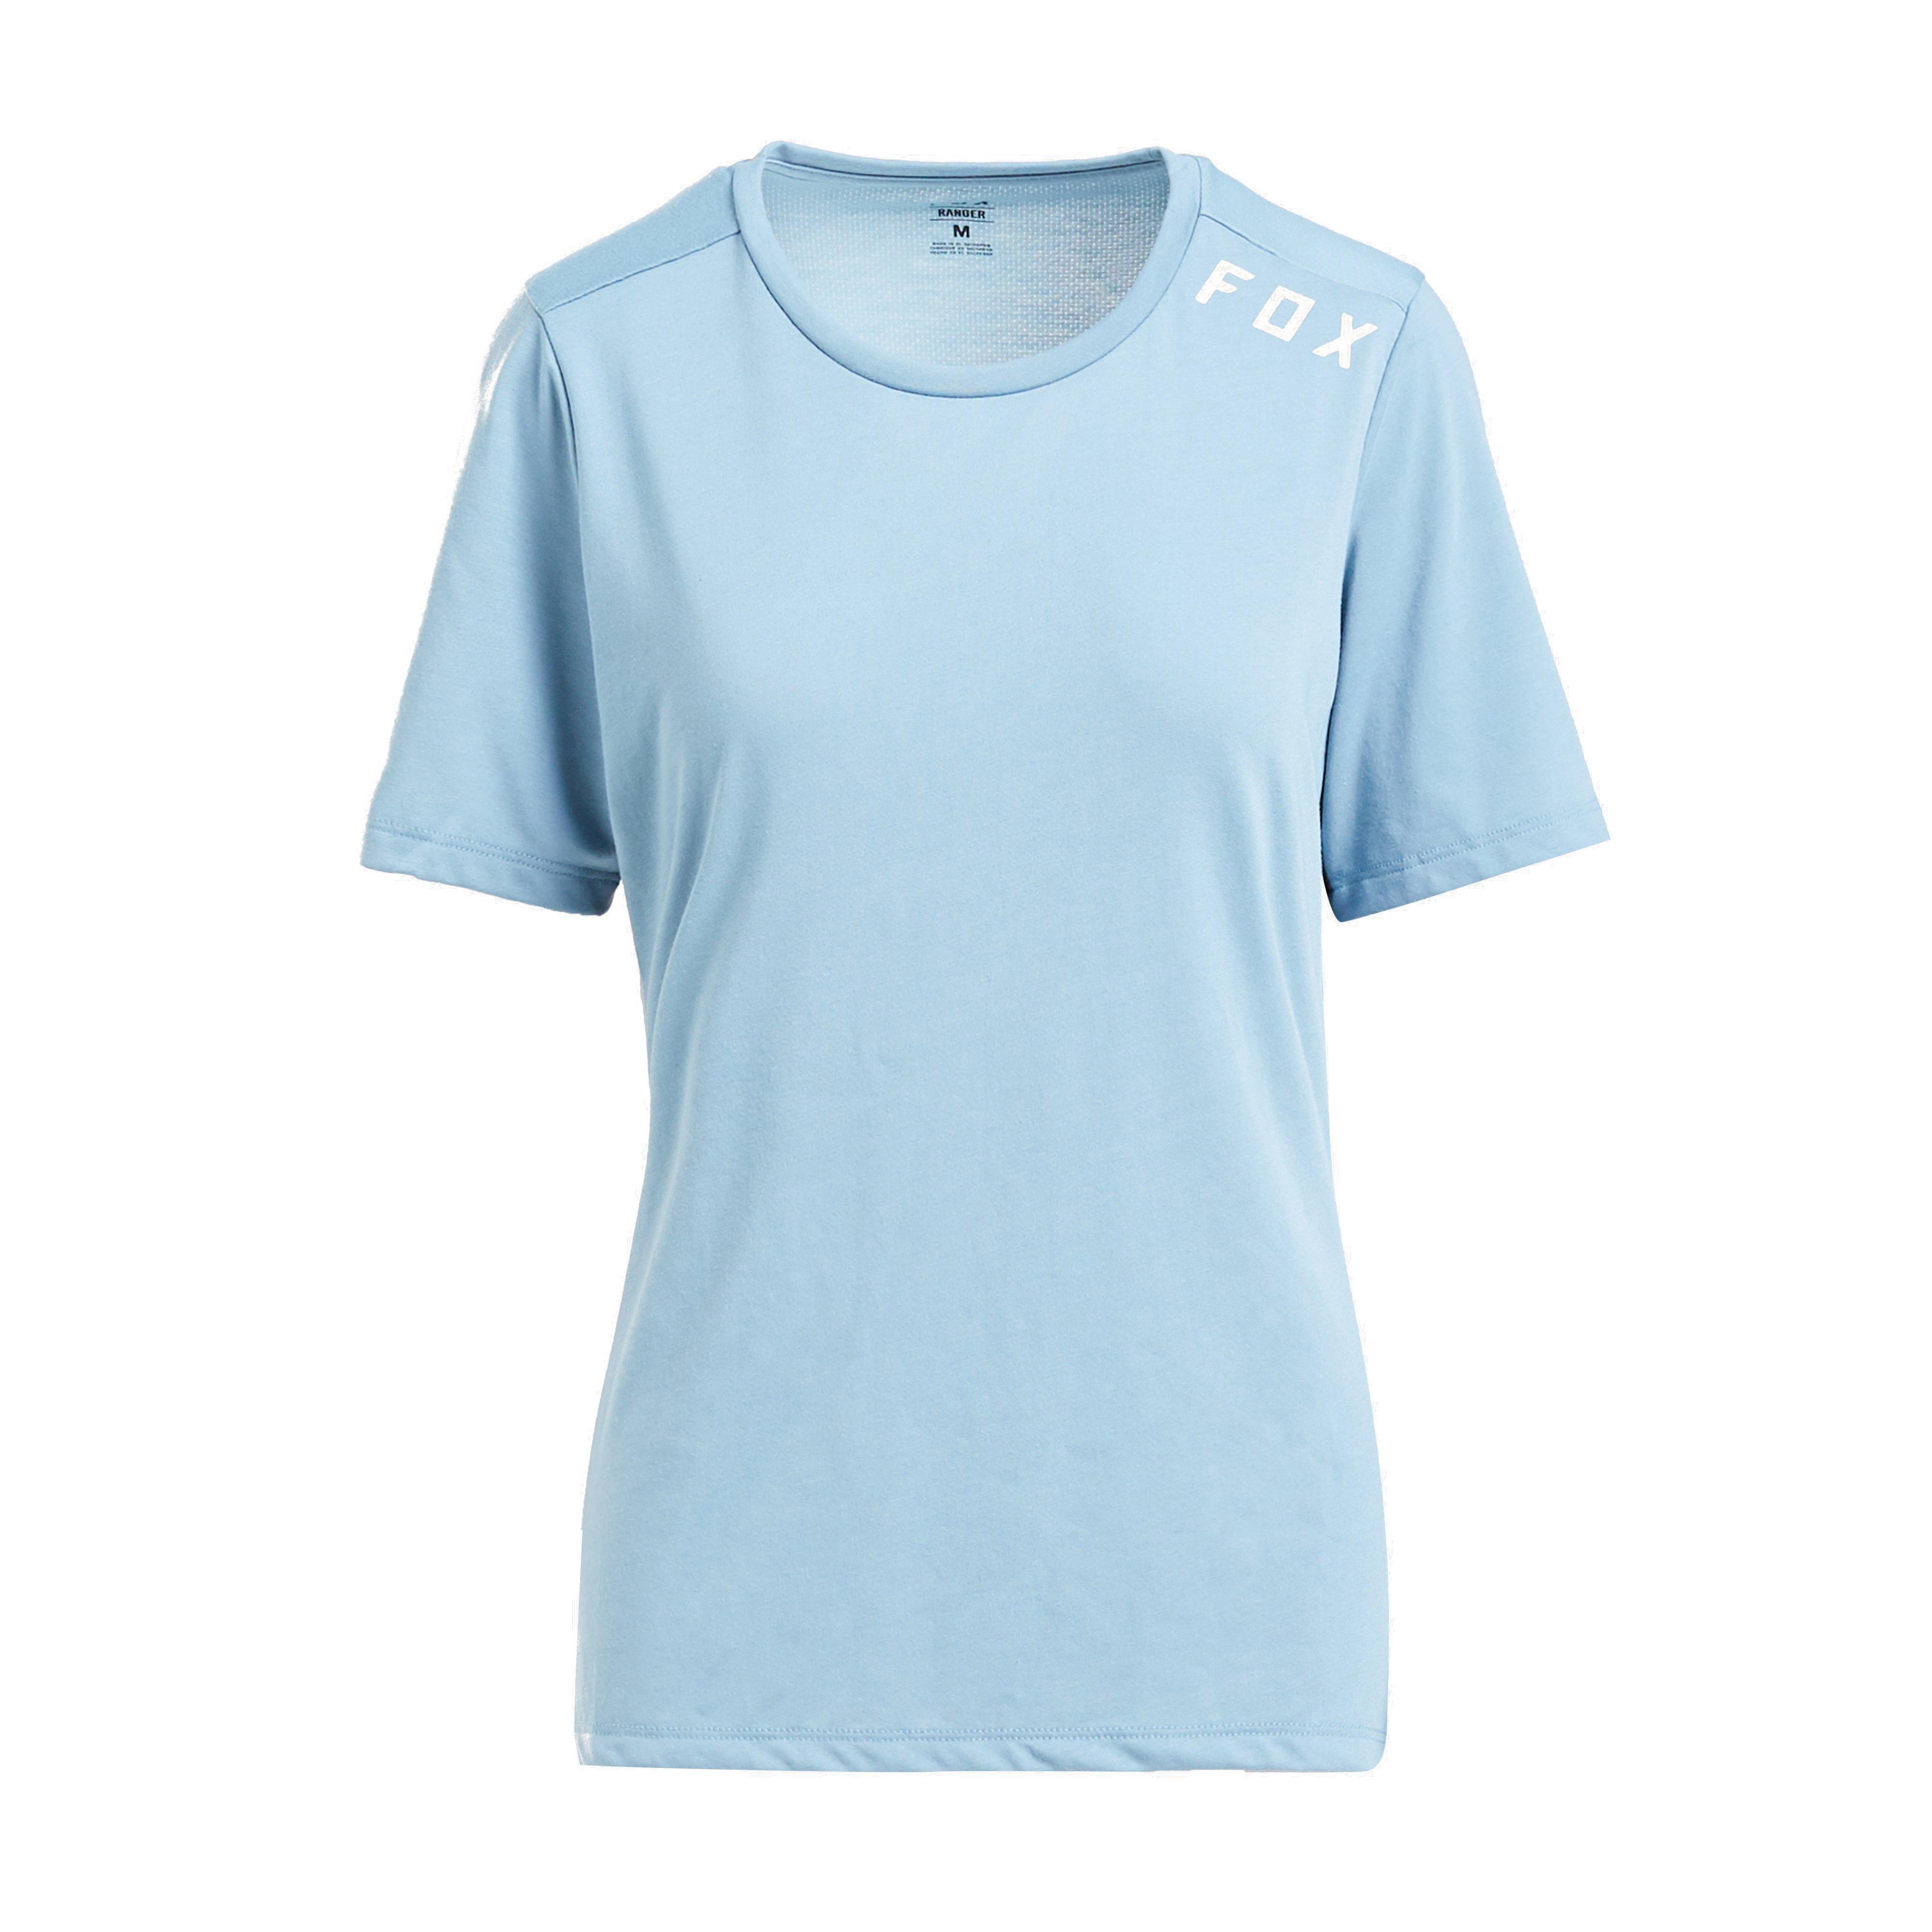 FOX Fox Womens Ranger drirelease Short Sleeve Jersey, Blue